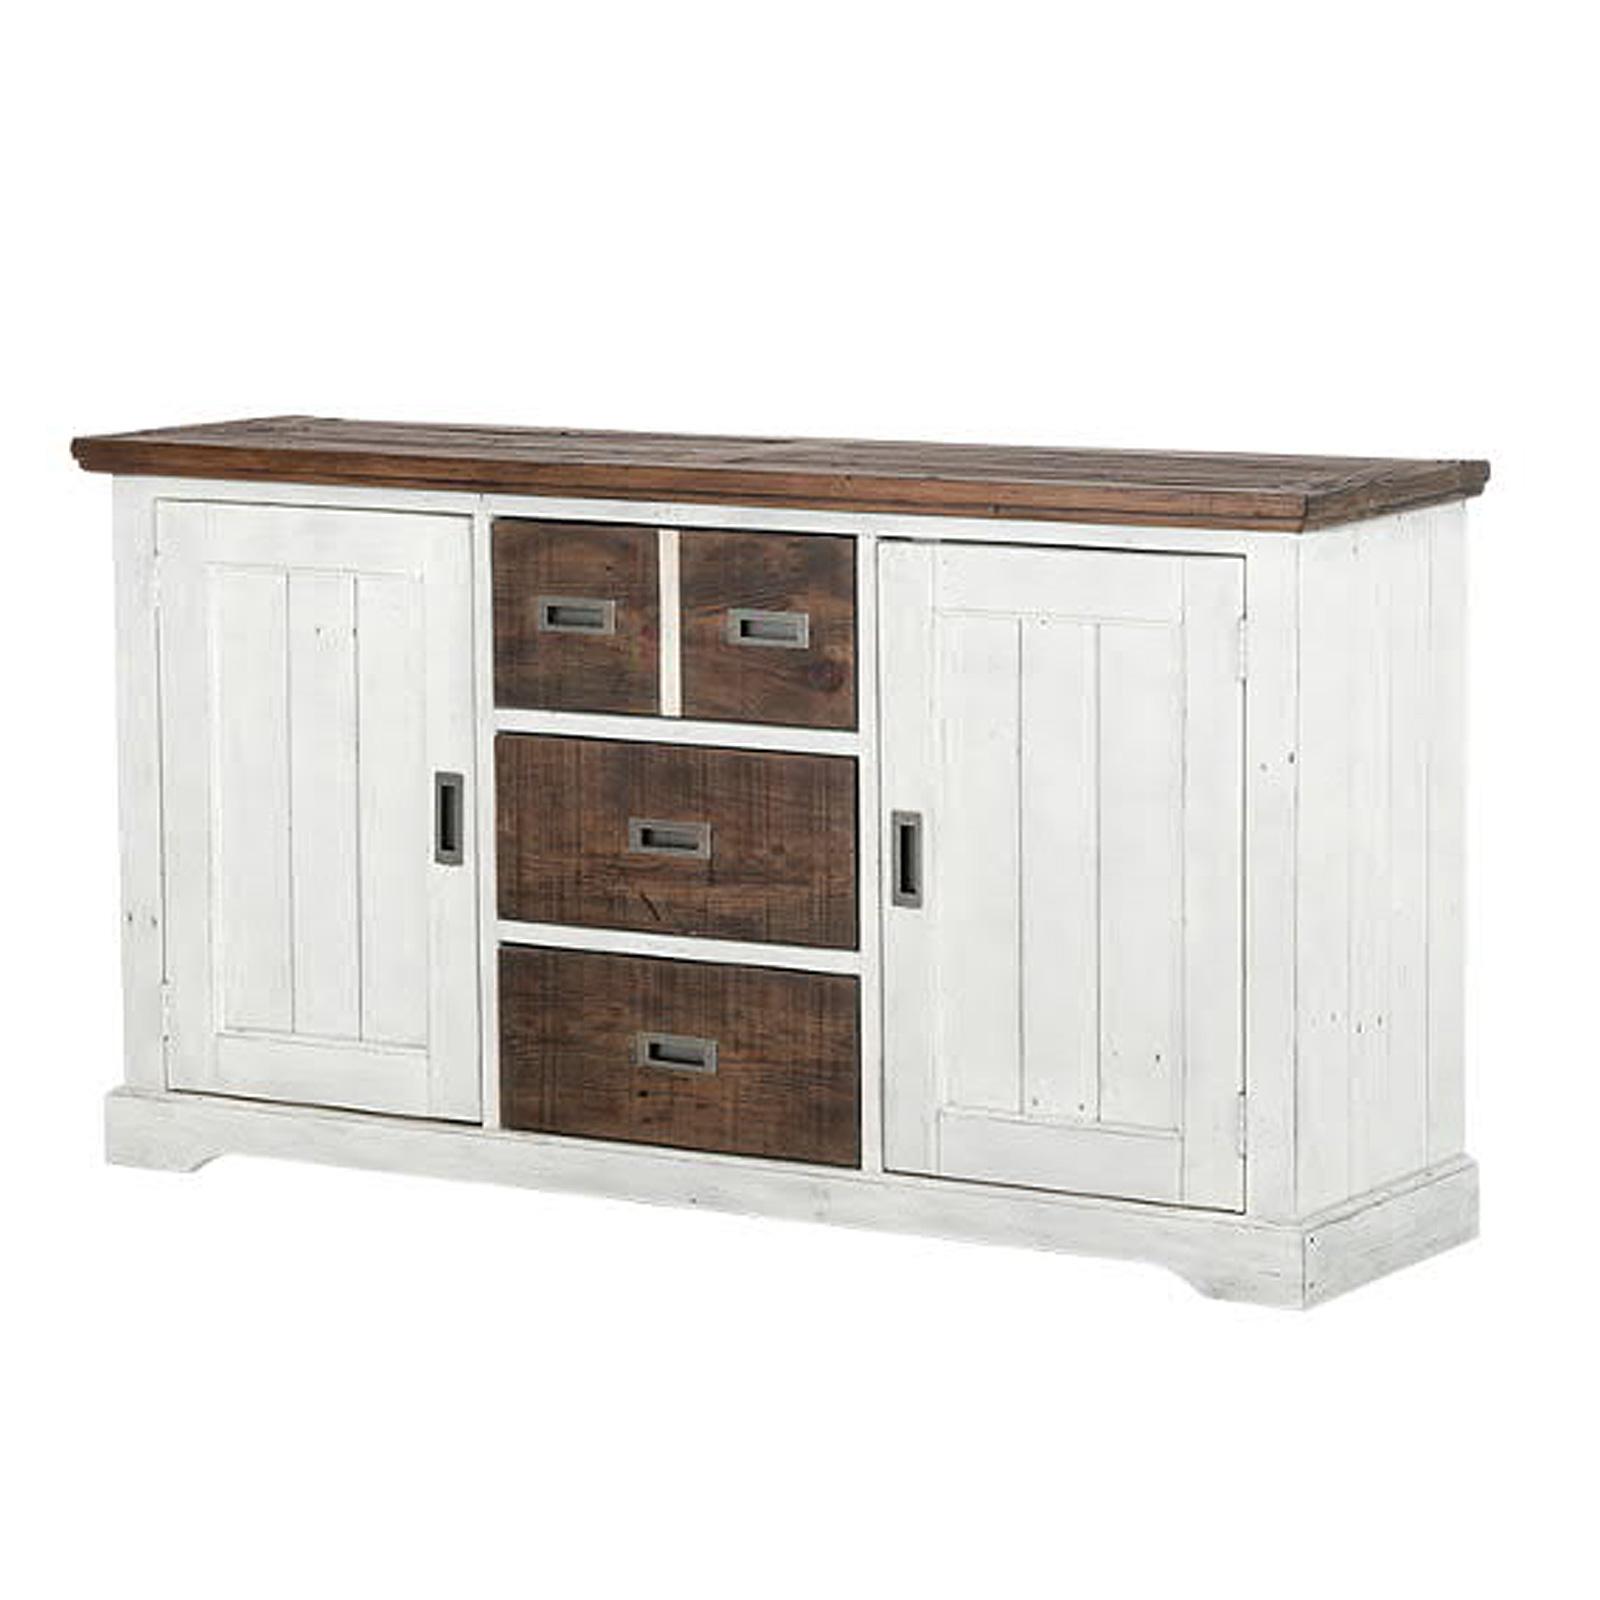 sideboard-dover-wei-braun-massivholz-160-cm-breit